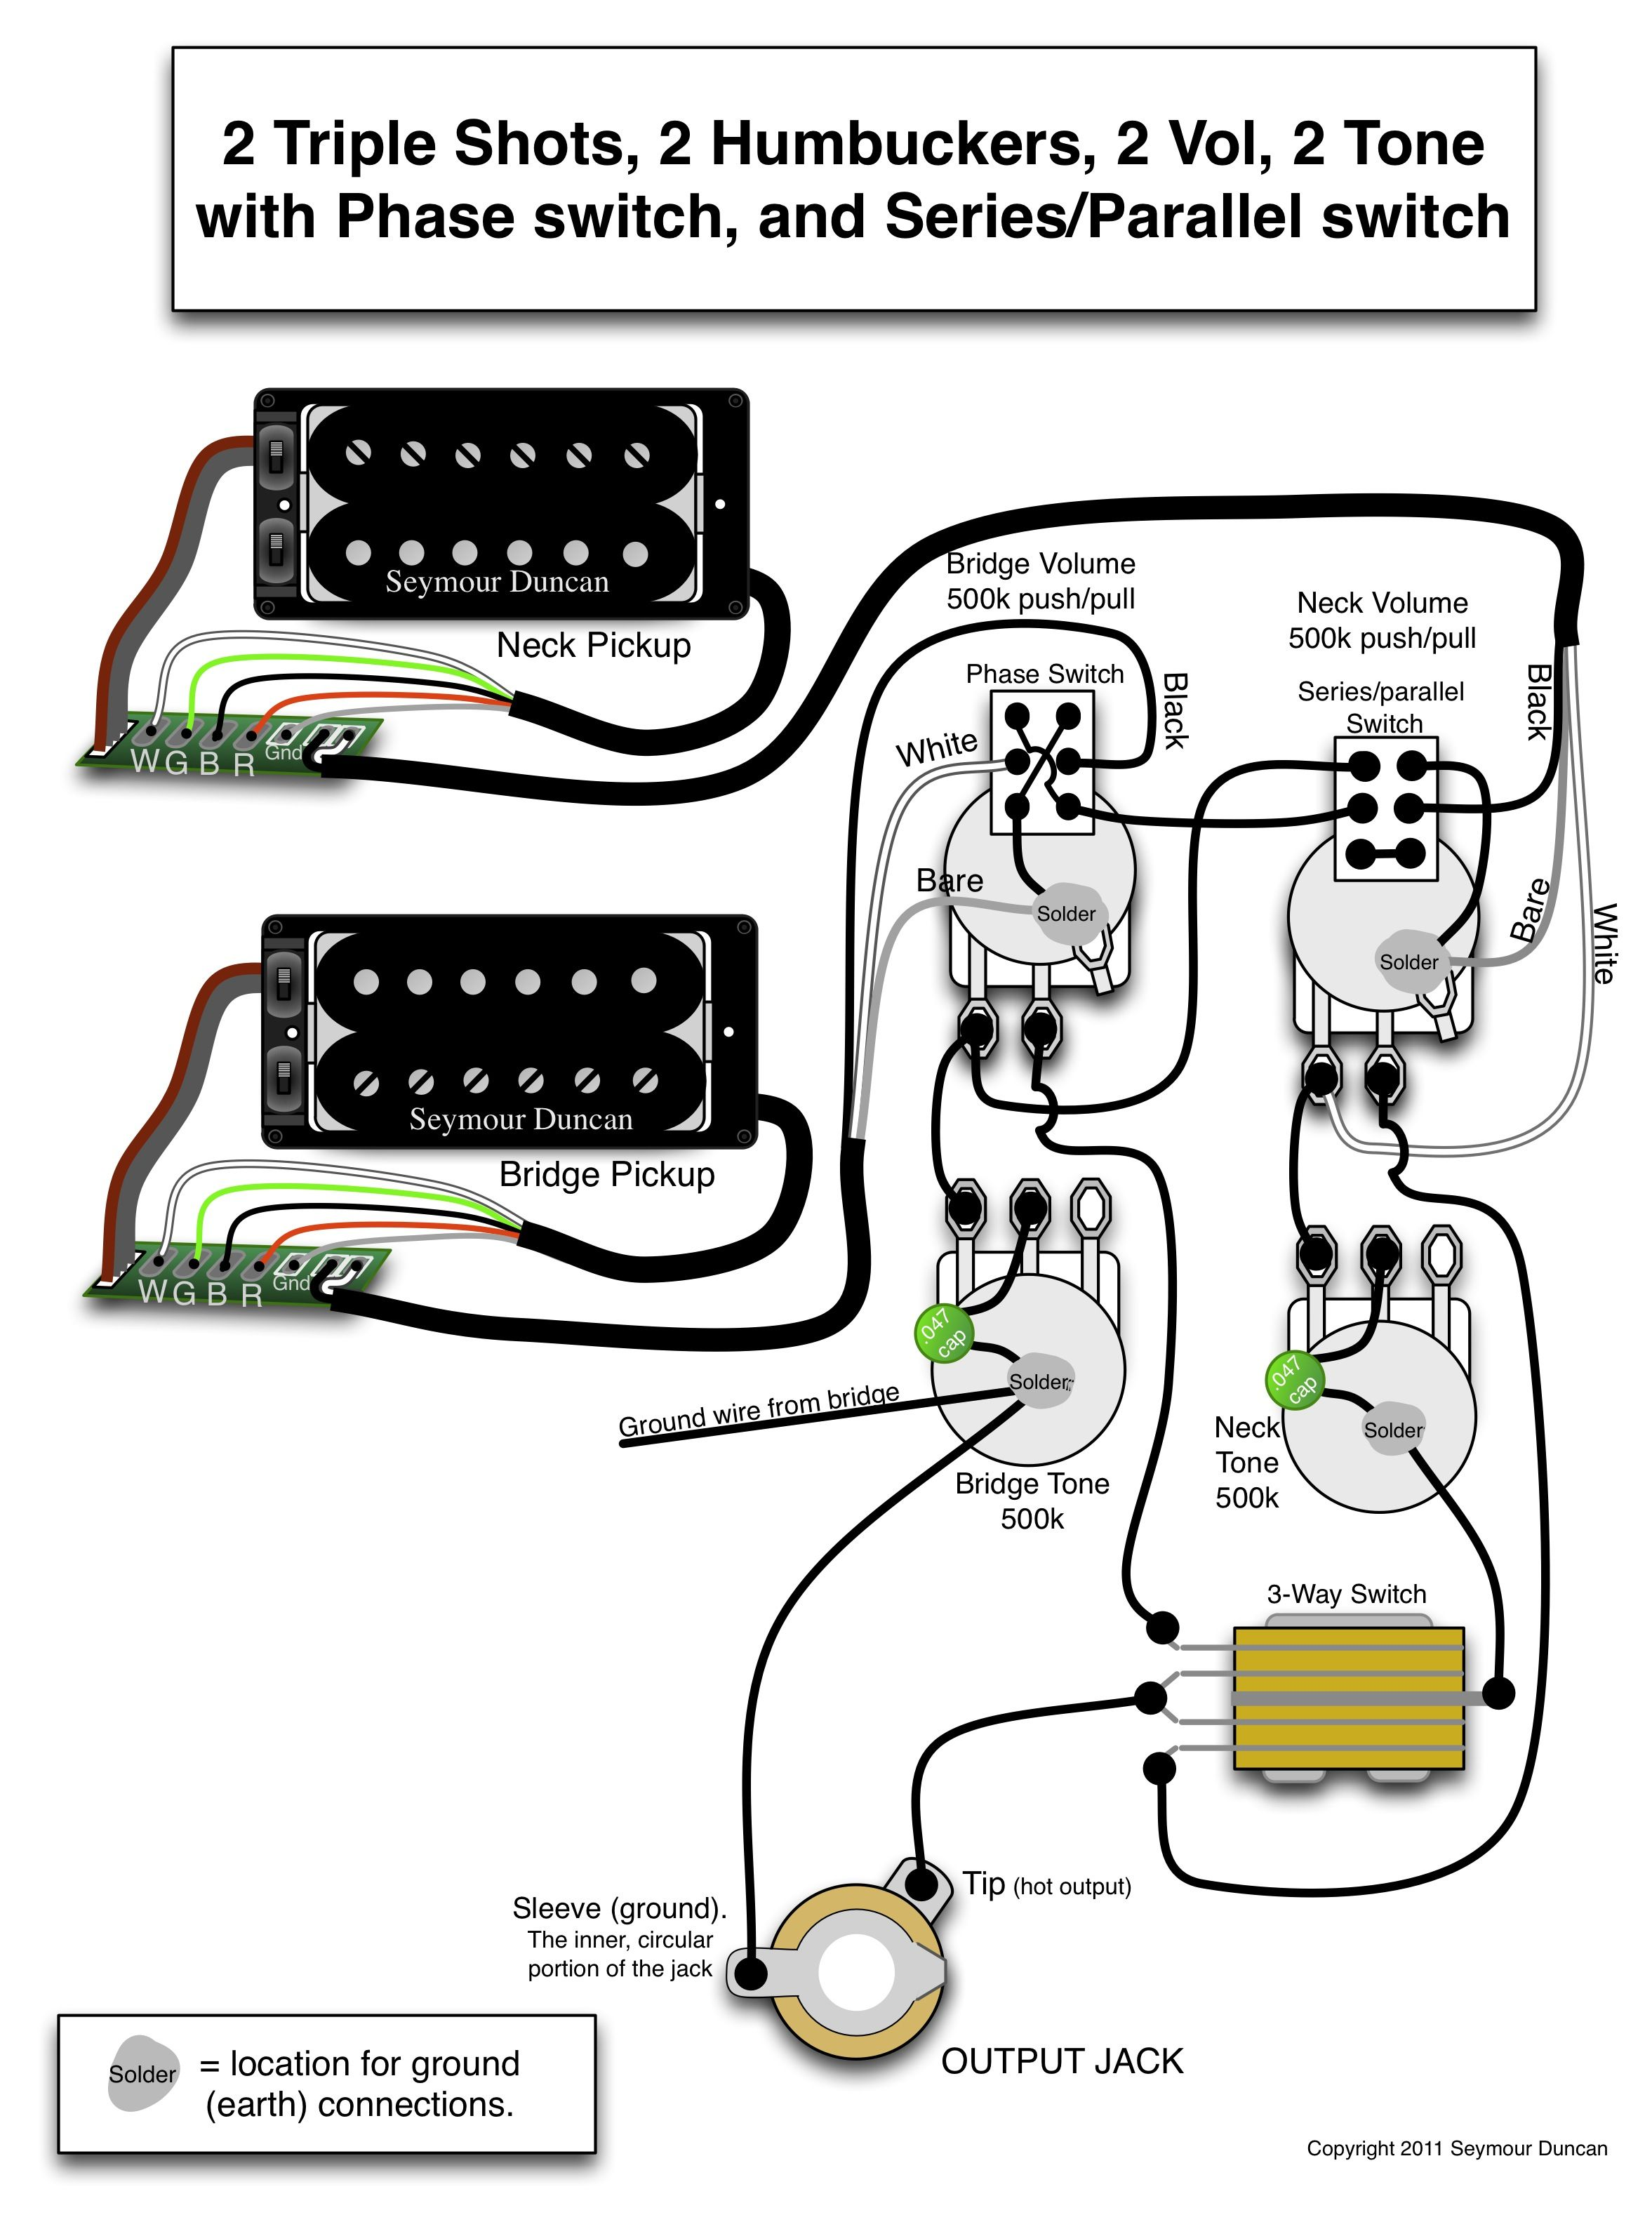 seymour duncan p90 wiring diagram bo 3539  wiring as well seymour duncan wiring diagrams also  seymour duncan wiring diagrams